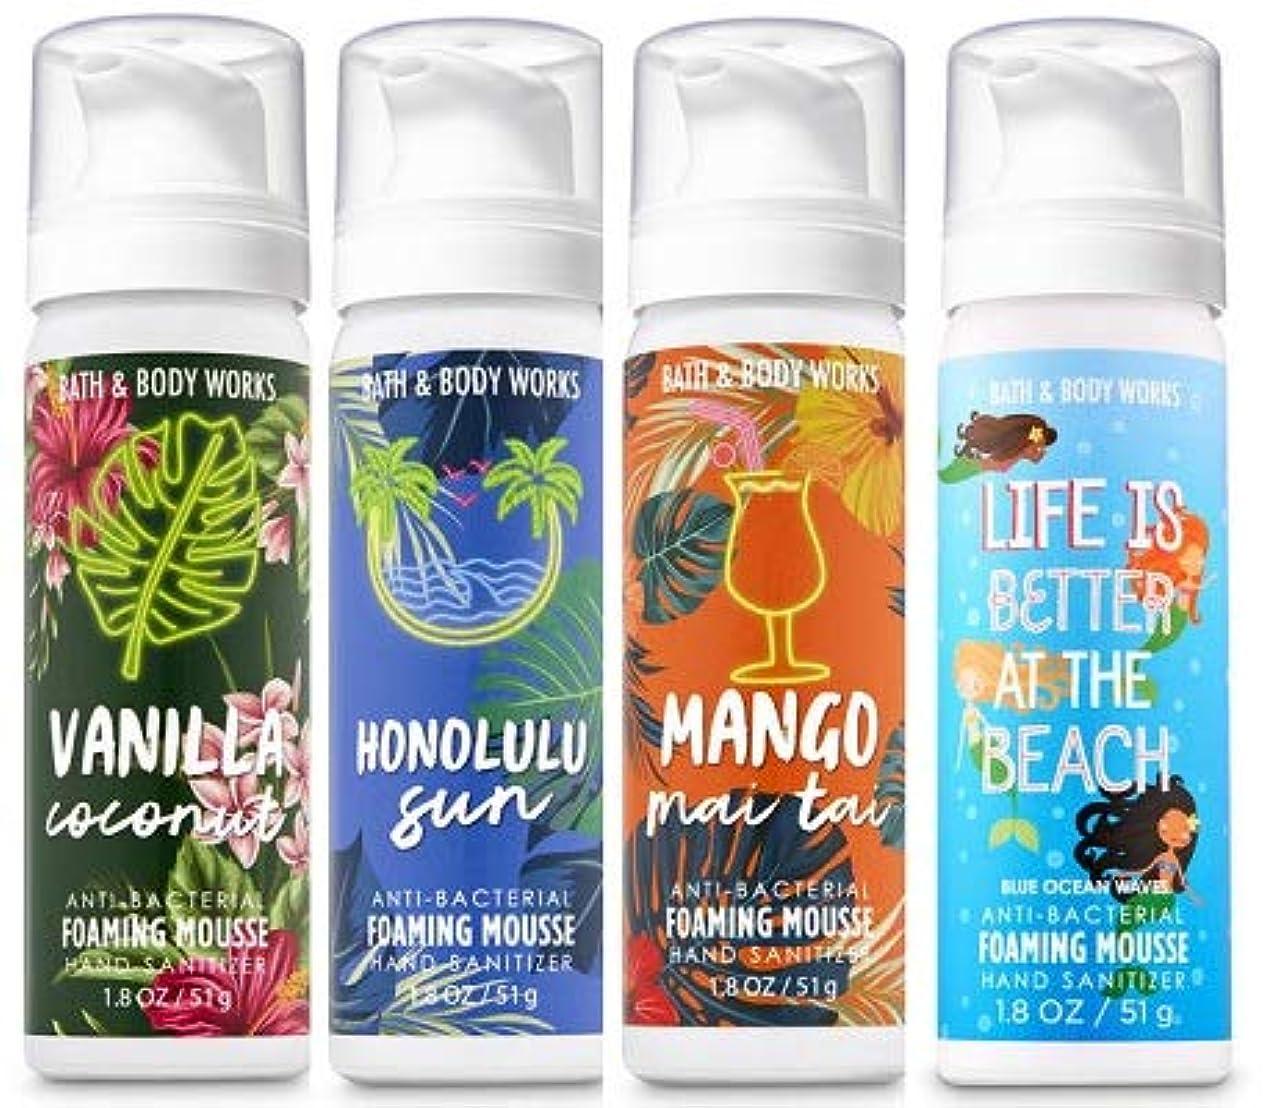 愛国的なポスト印象派クリアBath & Body Works ◆抗菌ハンドフォーム◆Foaming Hand Sanitizer おまかせ4本 [海外直送品]